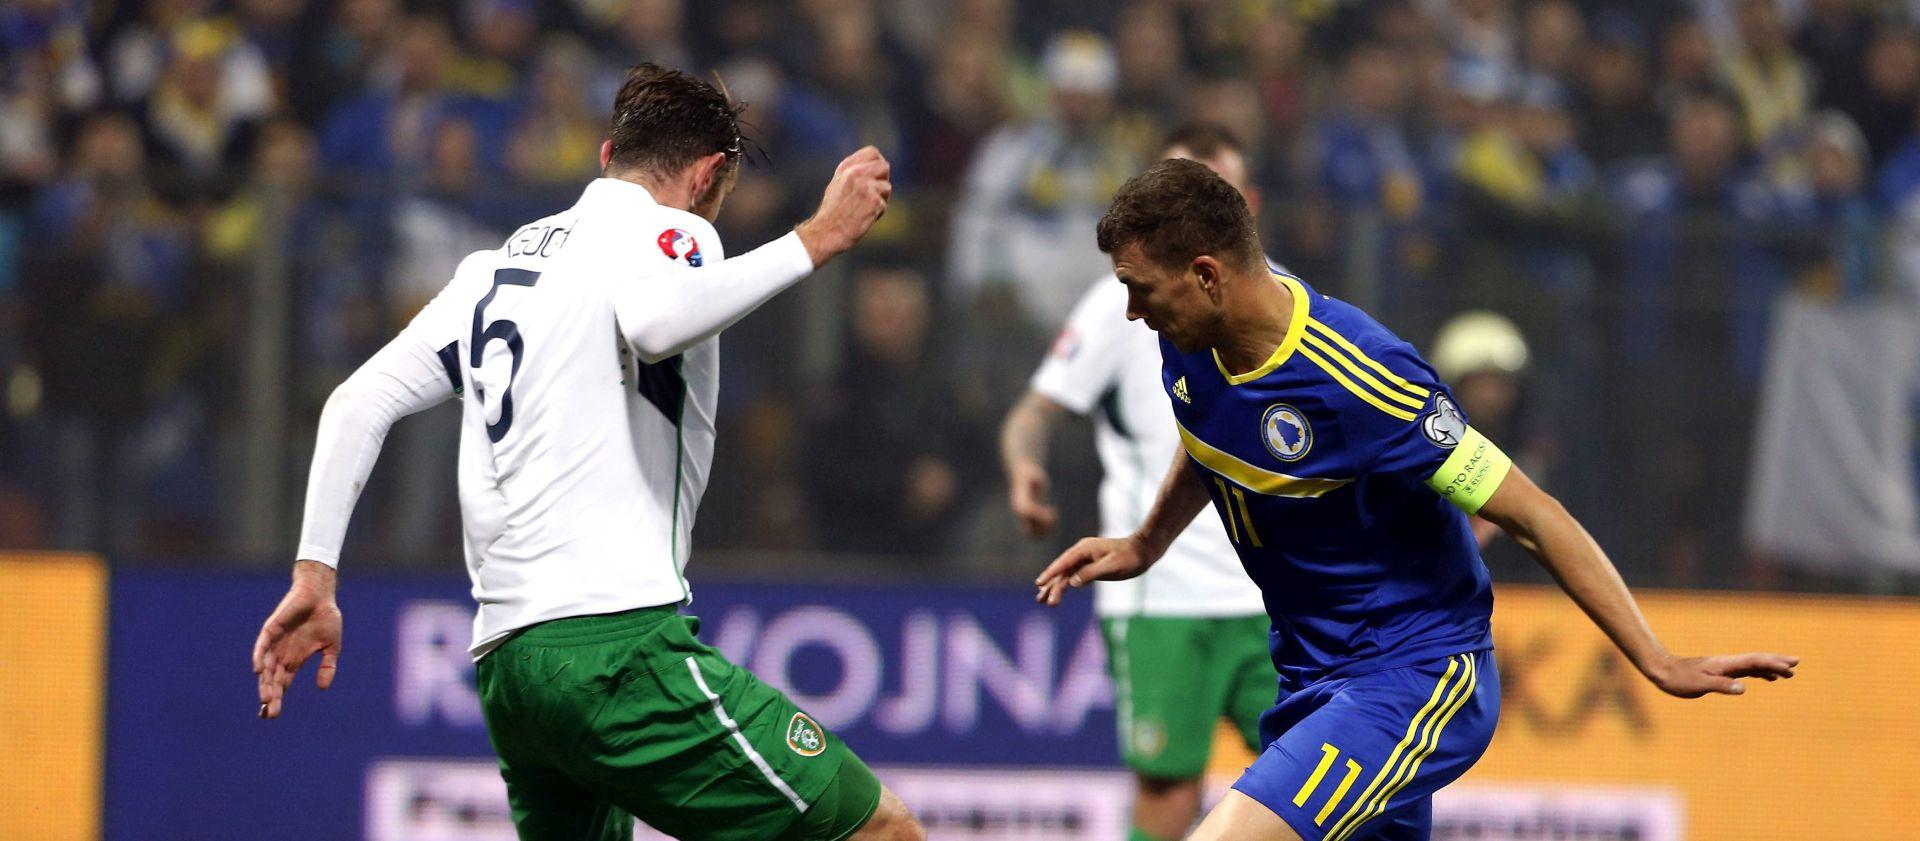 DODATNE KVALIFIKACIJE ZA EURO Remi Bosne i Irske – Džeko vratio nadu 'Zmajevima'